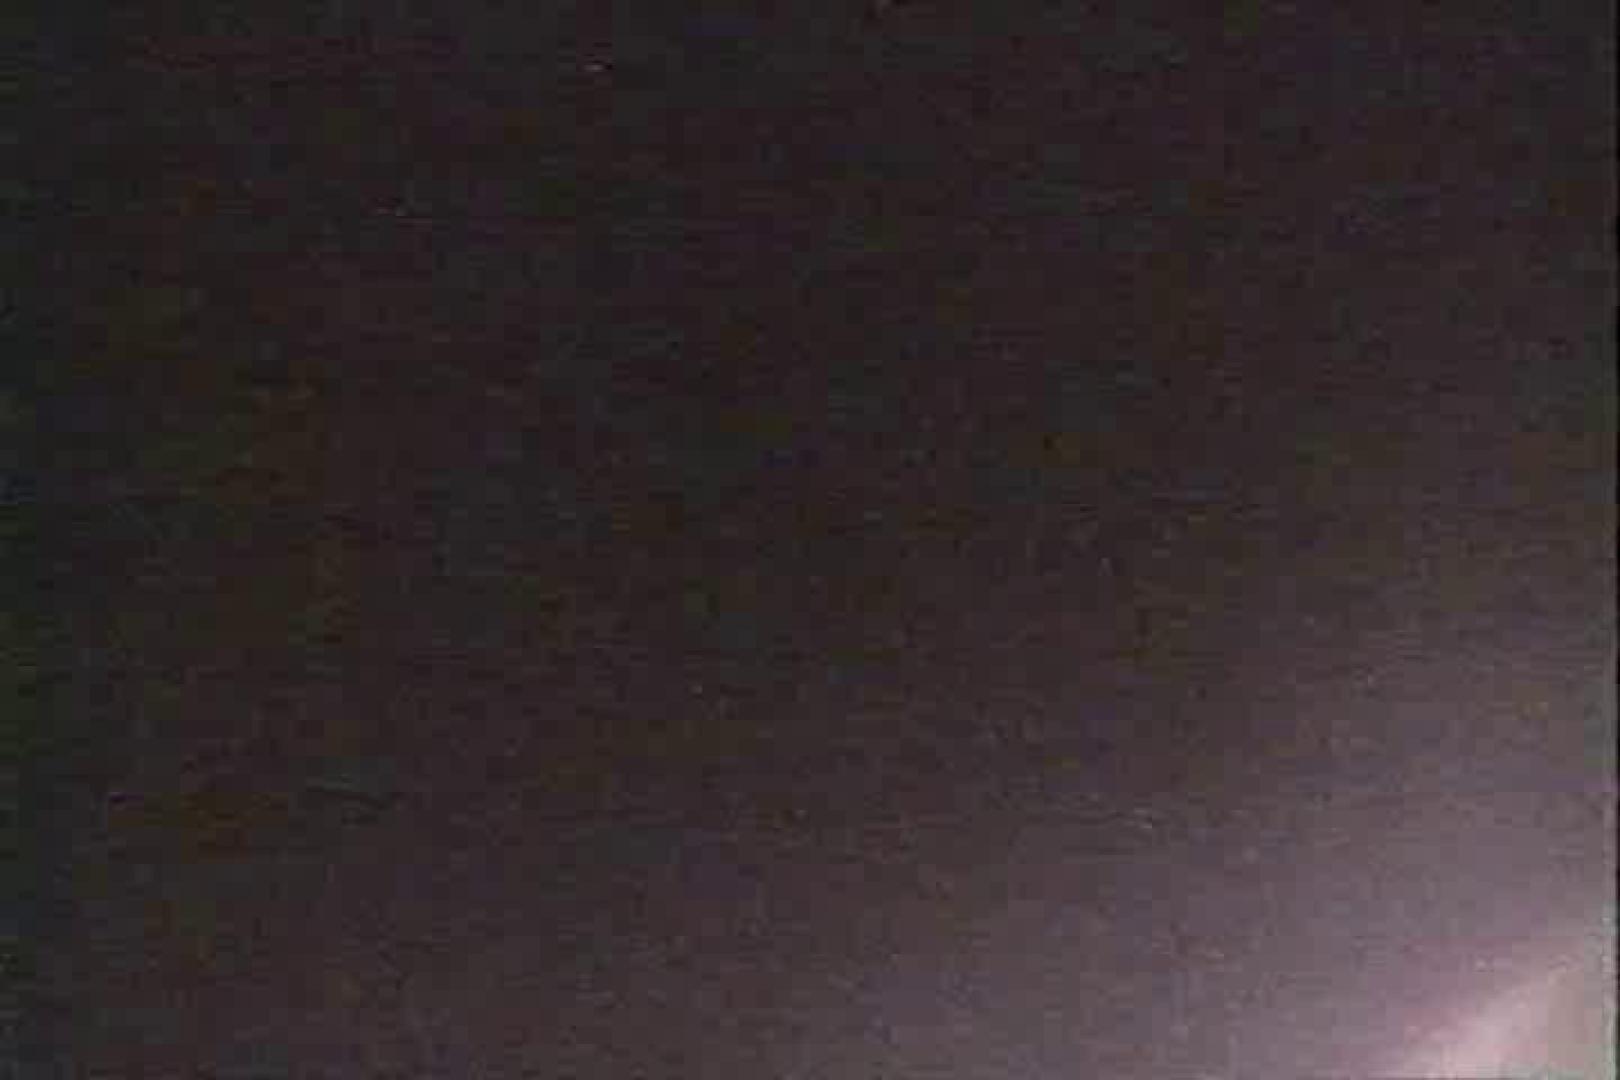 「ちくりん」さんのオリジナル未編集パンチラVol.1_01 美女OL  35連発 18